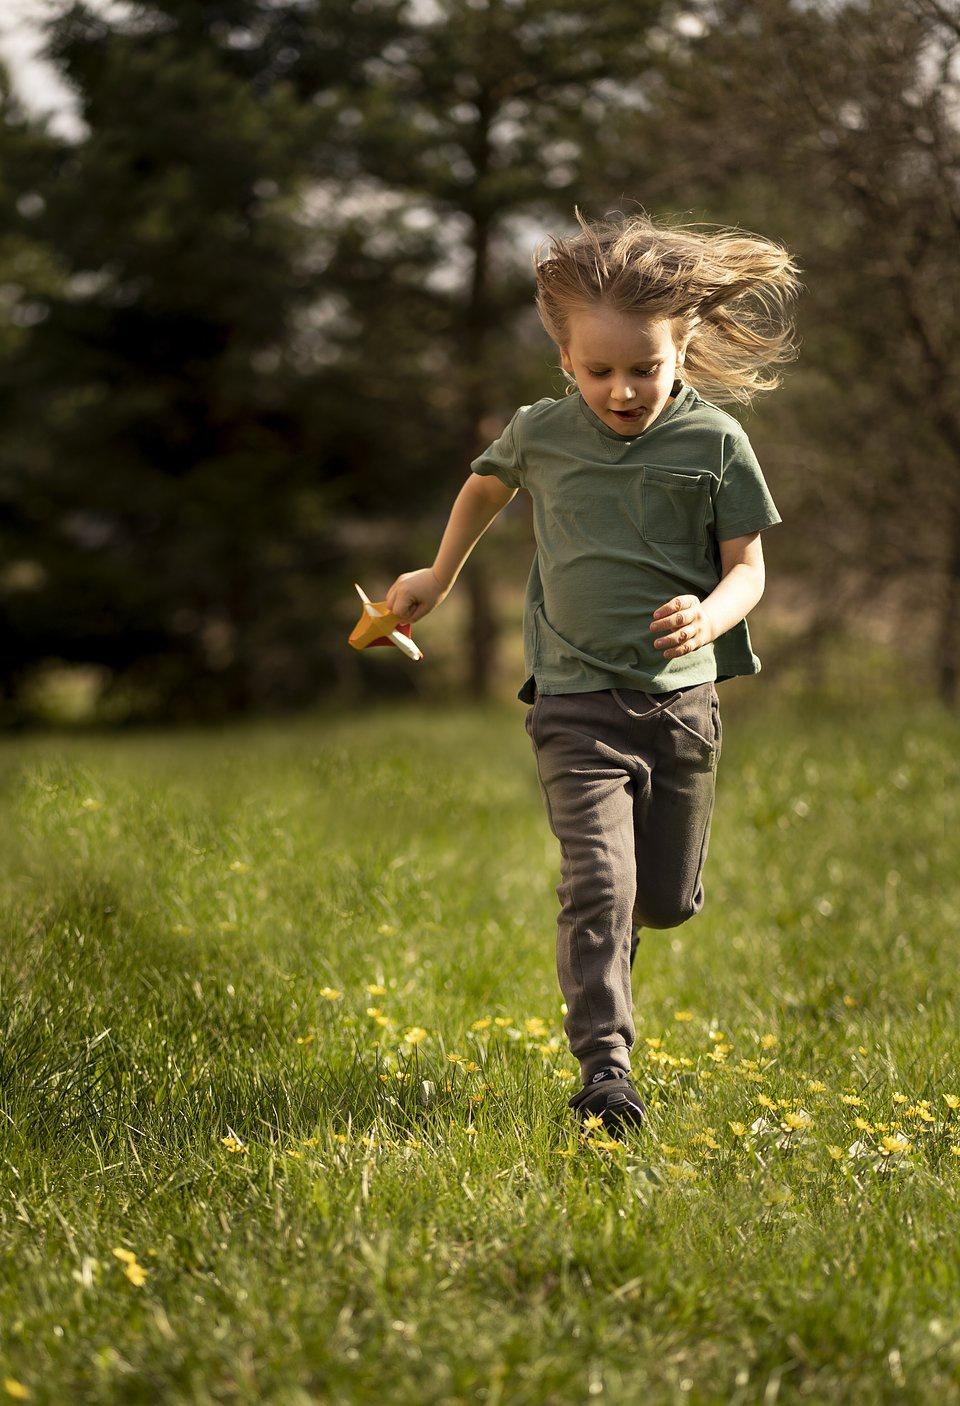 """""""Xanh khắp nơi"""" là tác phẩm được Kate Omely chụp ngay sau khi rời khu cách ly dịch Covid-19 cùng gia đình. """"Con trai tôi rất vui khi chạy, nhảy và chơi dưới ánh mặt trời!"""", cô nói với Agora. """"Cậu bé nhẹ nhàng nhảy qua những bông hoa nhỏ màu vàng trên cỏ để tránh giẫm lên chúng. Với bức ảnh này, tôi muốn thể hiện vẻ đẹp của thế giới xanh xung quanh và niềm hạnh phúc của một tuổi thơ vô tư"""", cô nói thêm."""